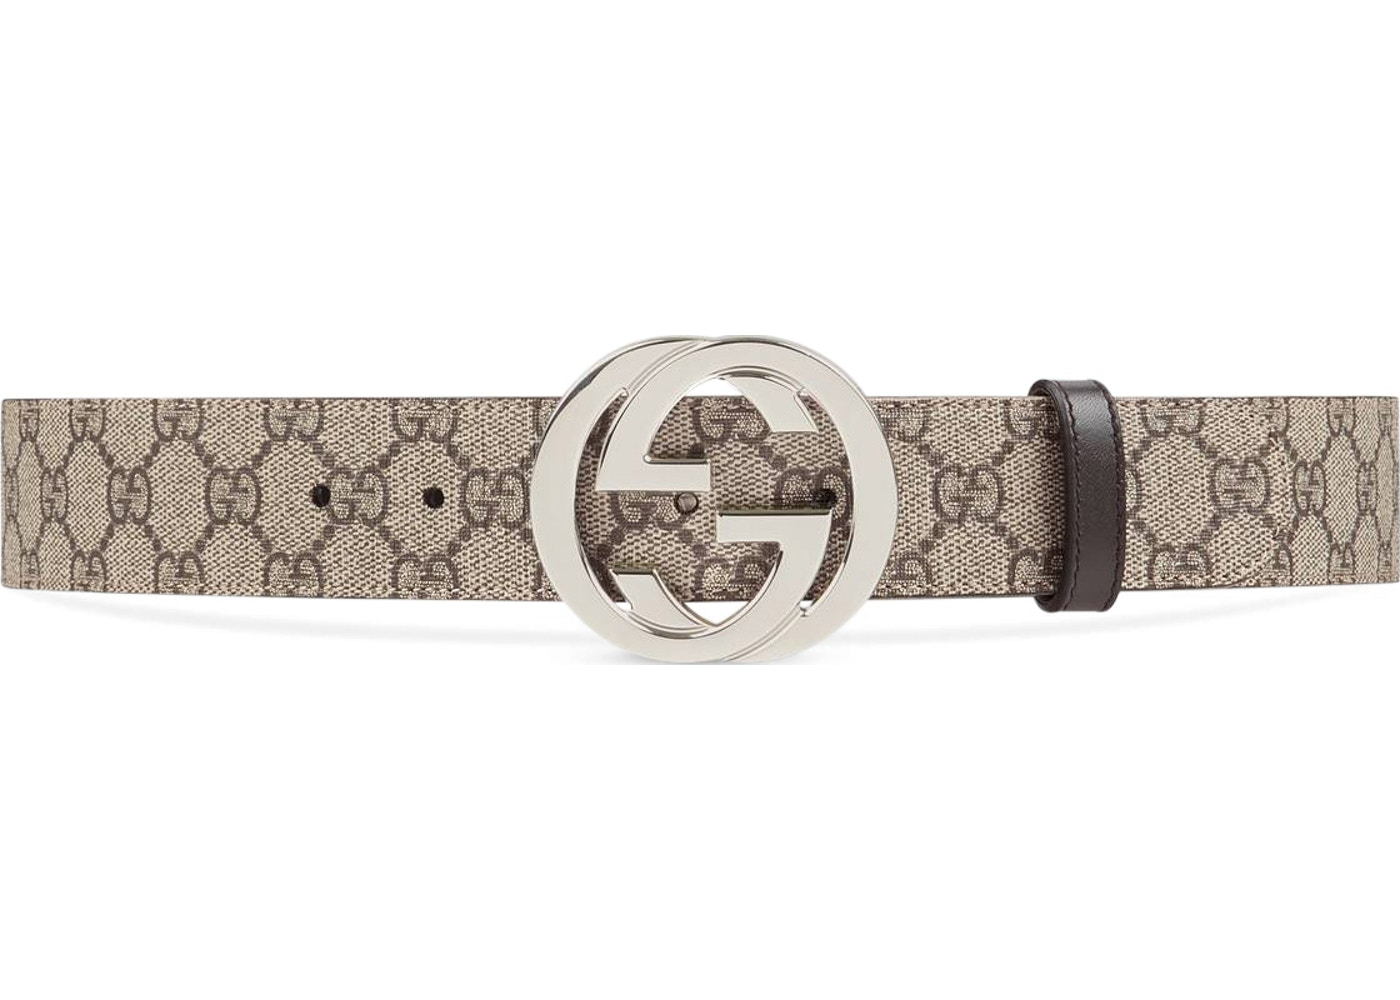 41c686e80 Gucci Belt GG Supreme Interlocking G Buckle 1.5W Beige Ebony/Cocoa